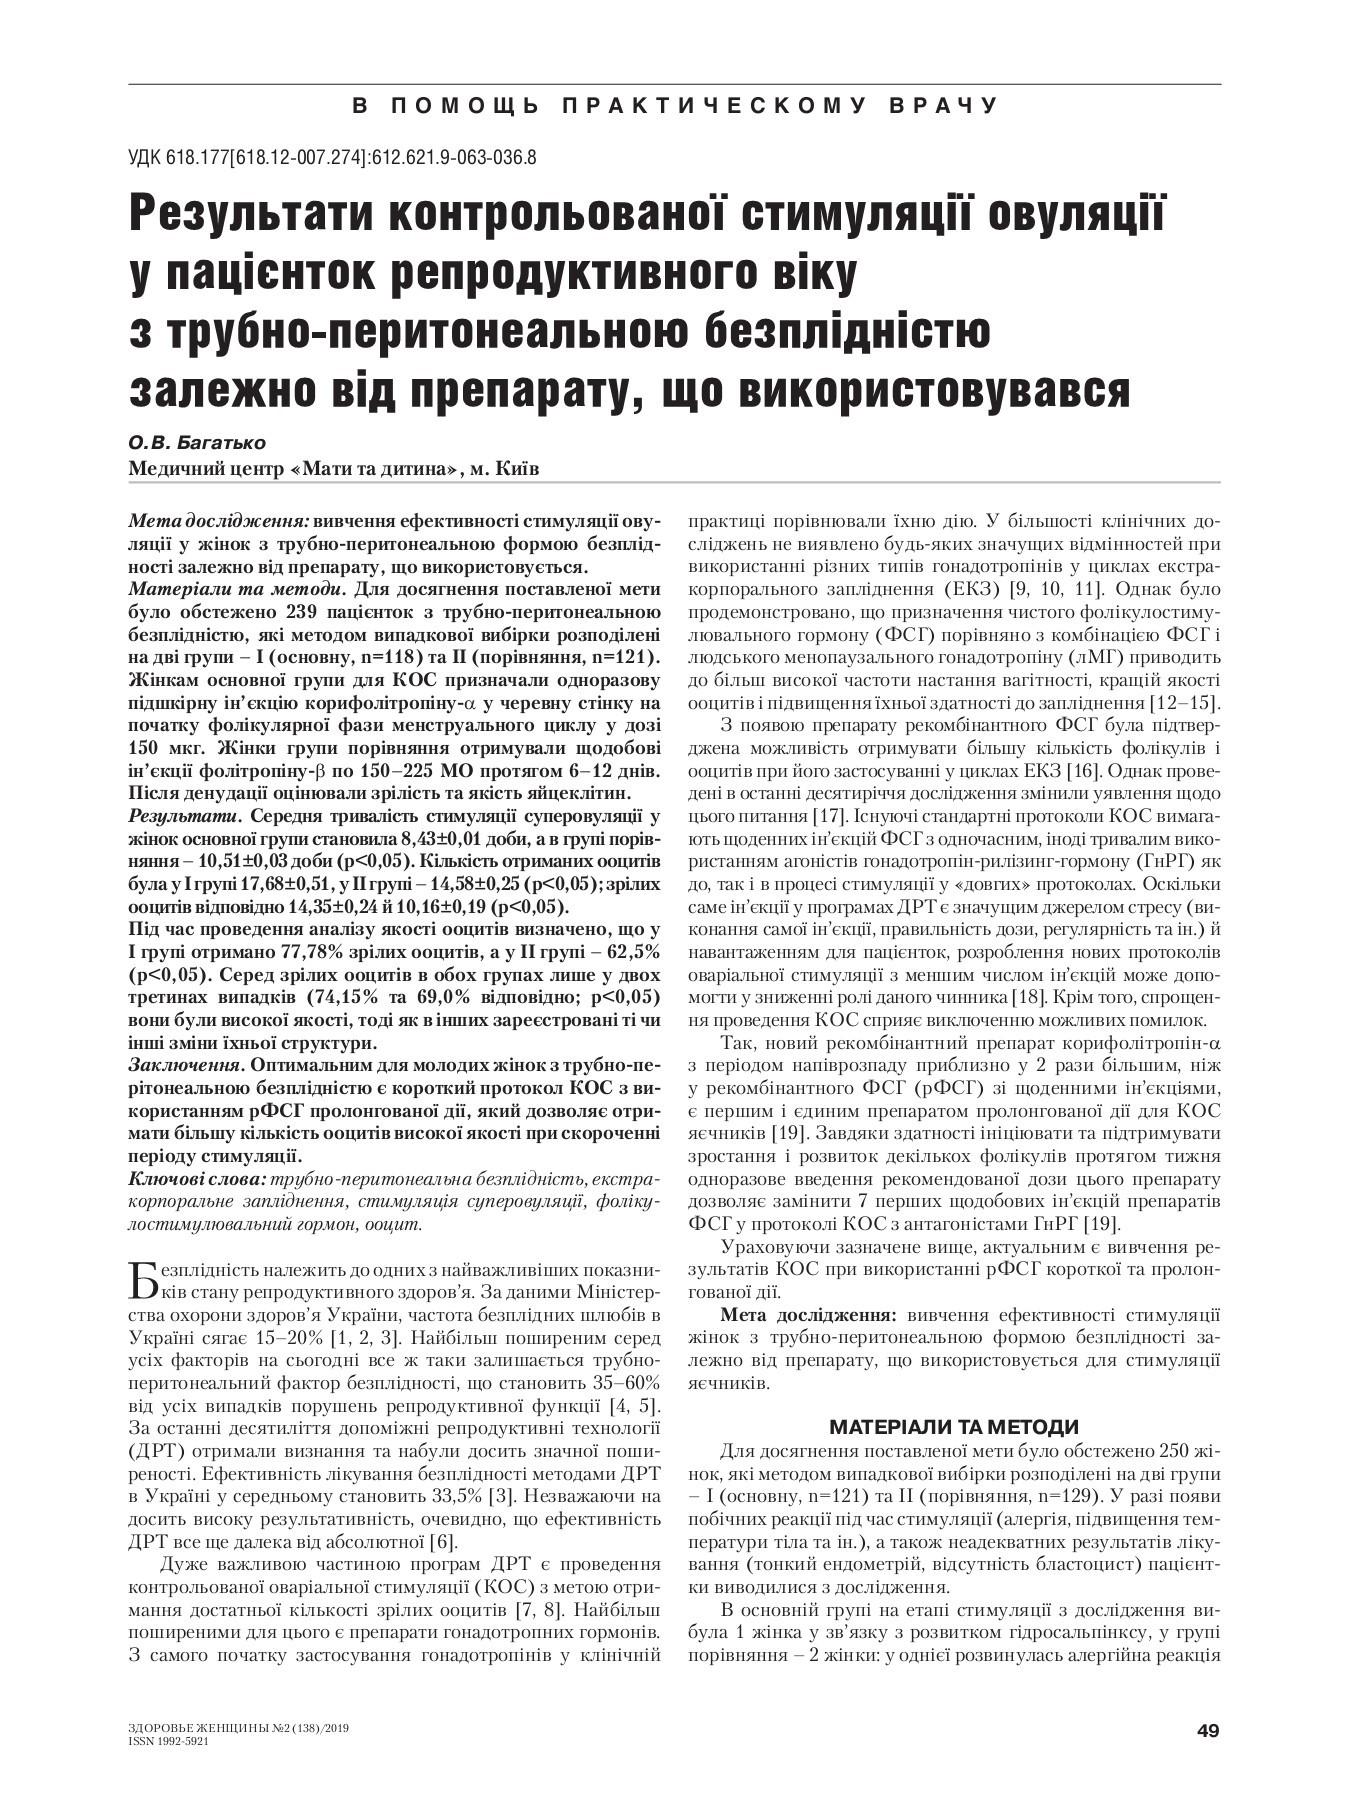 hipertenzija po ARVI)